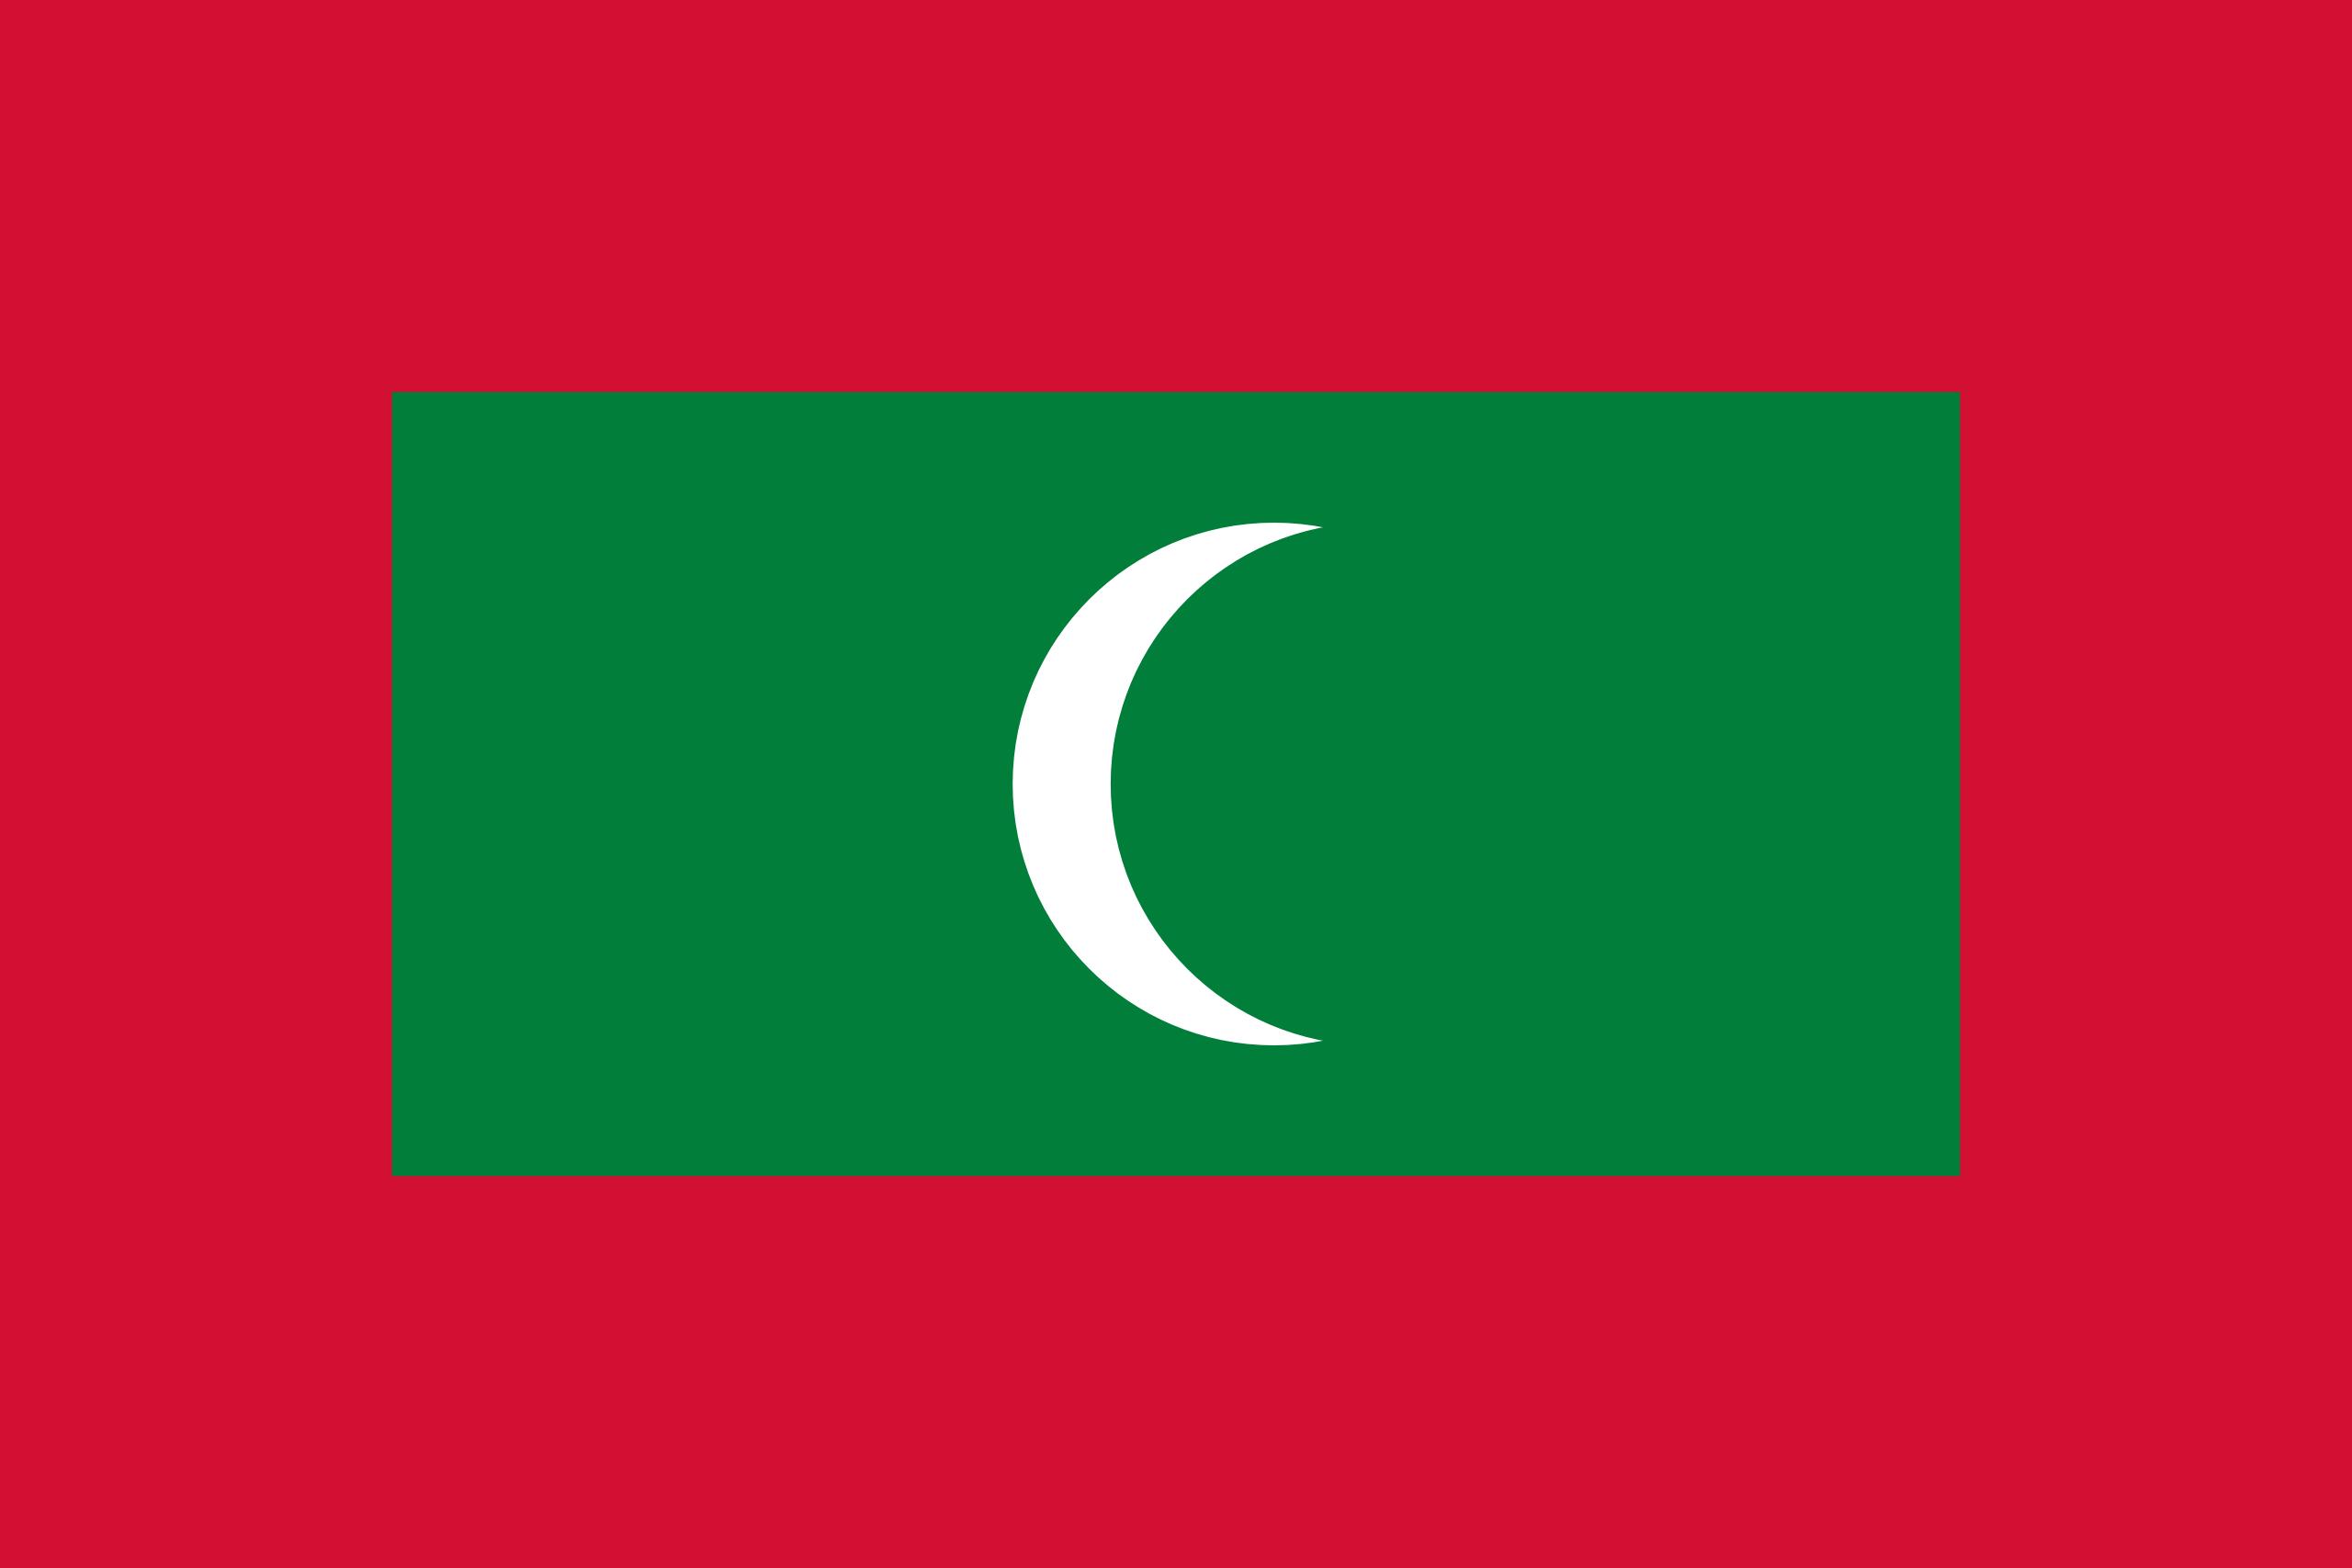 马尔代夫, 国家, 会徽, 徽标, 符号 - 高清壁纸 - 教授-falken.com